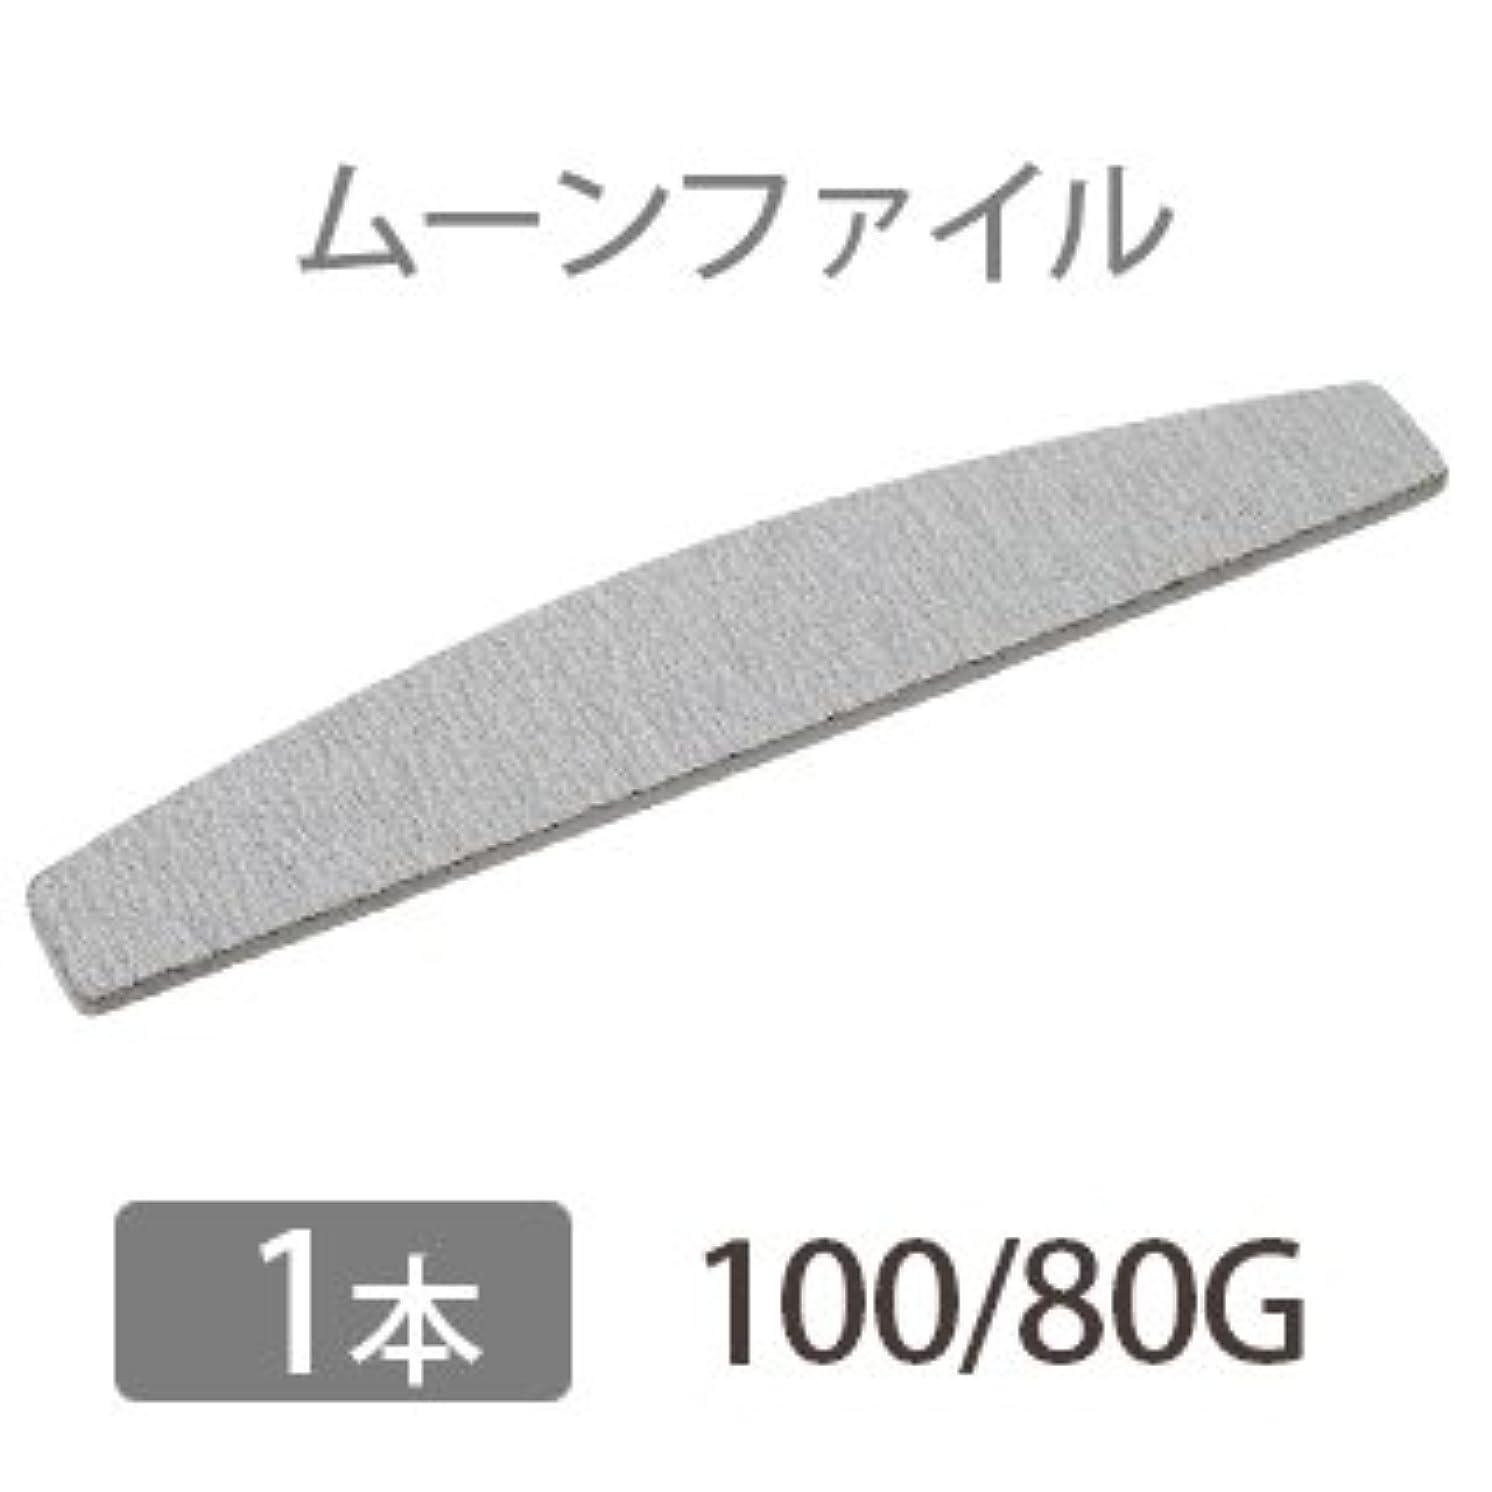 斧年次一般的にムーンファイル 100/80 【ネイル オフ ケア用品】